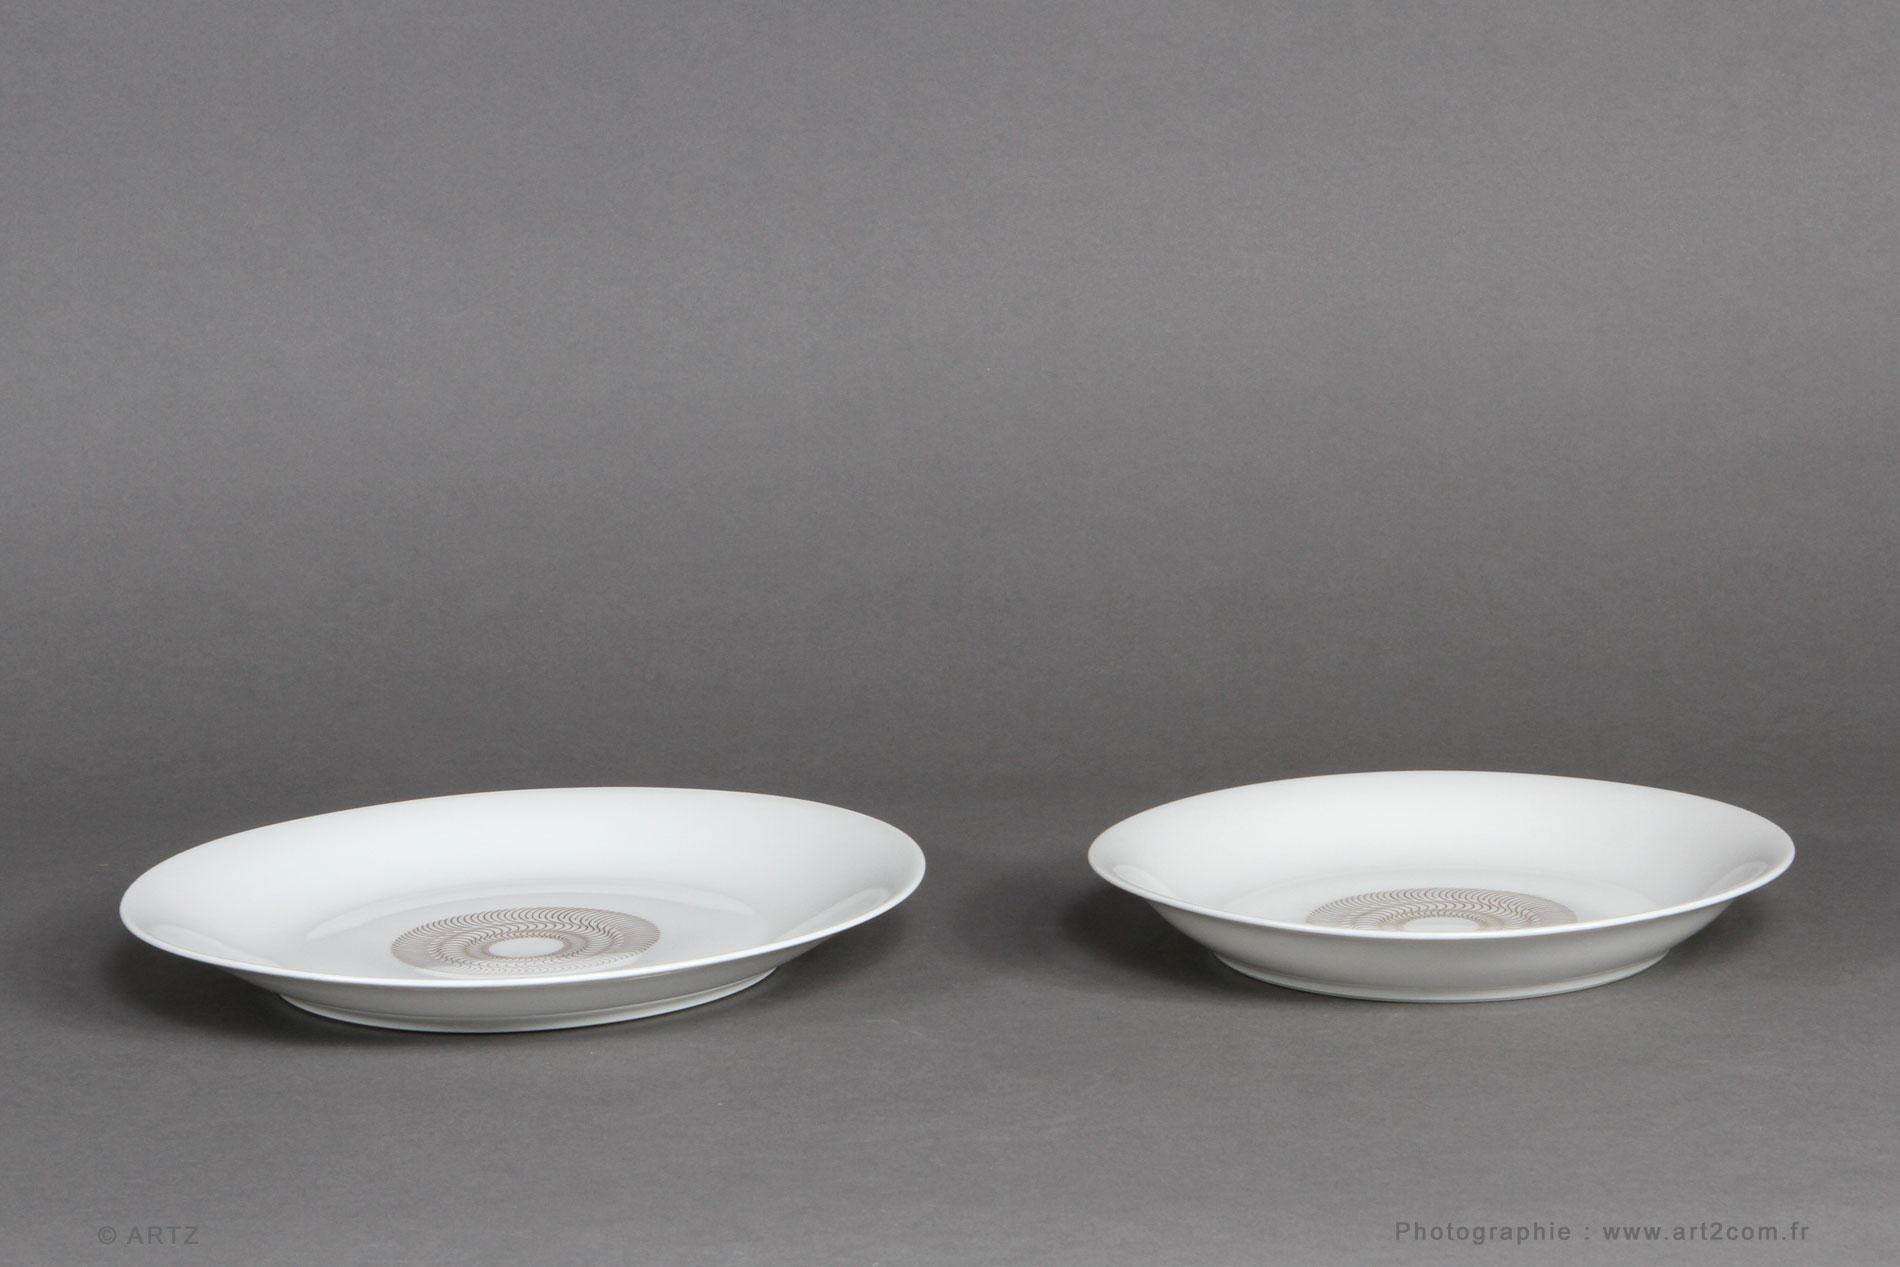 Artz sp cialiste art d co lustres vases coupes meubles for Service de table art deco